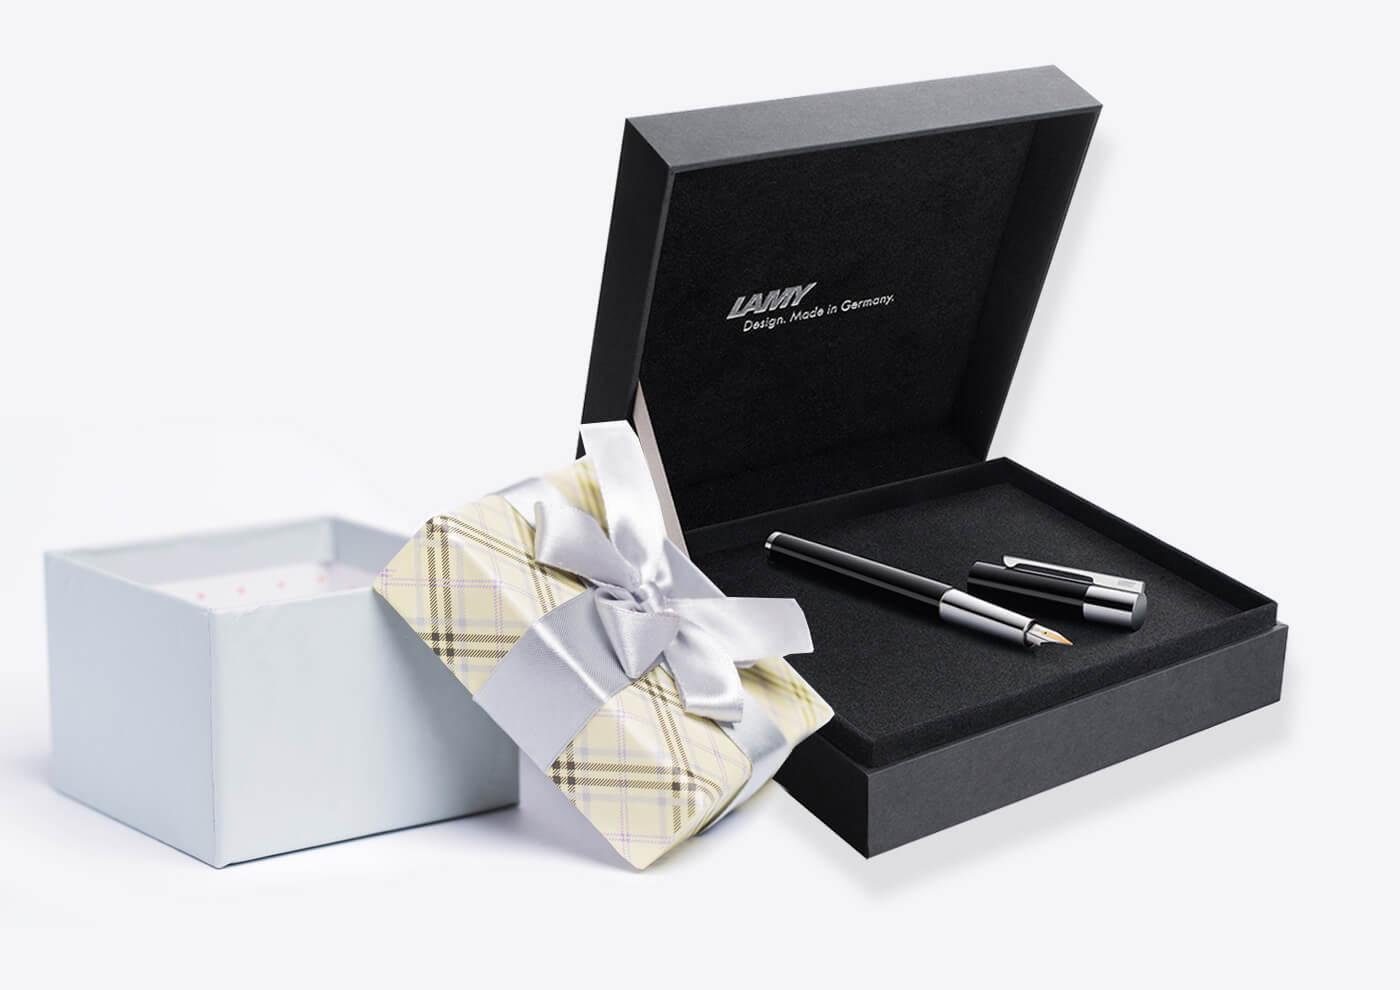 มอบของขวัญพิเศษได้ทุกเทศกาลด้วยปากกาลามี่ Lamy Pen